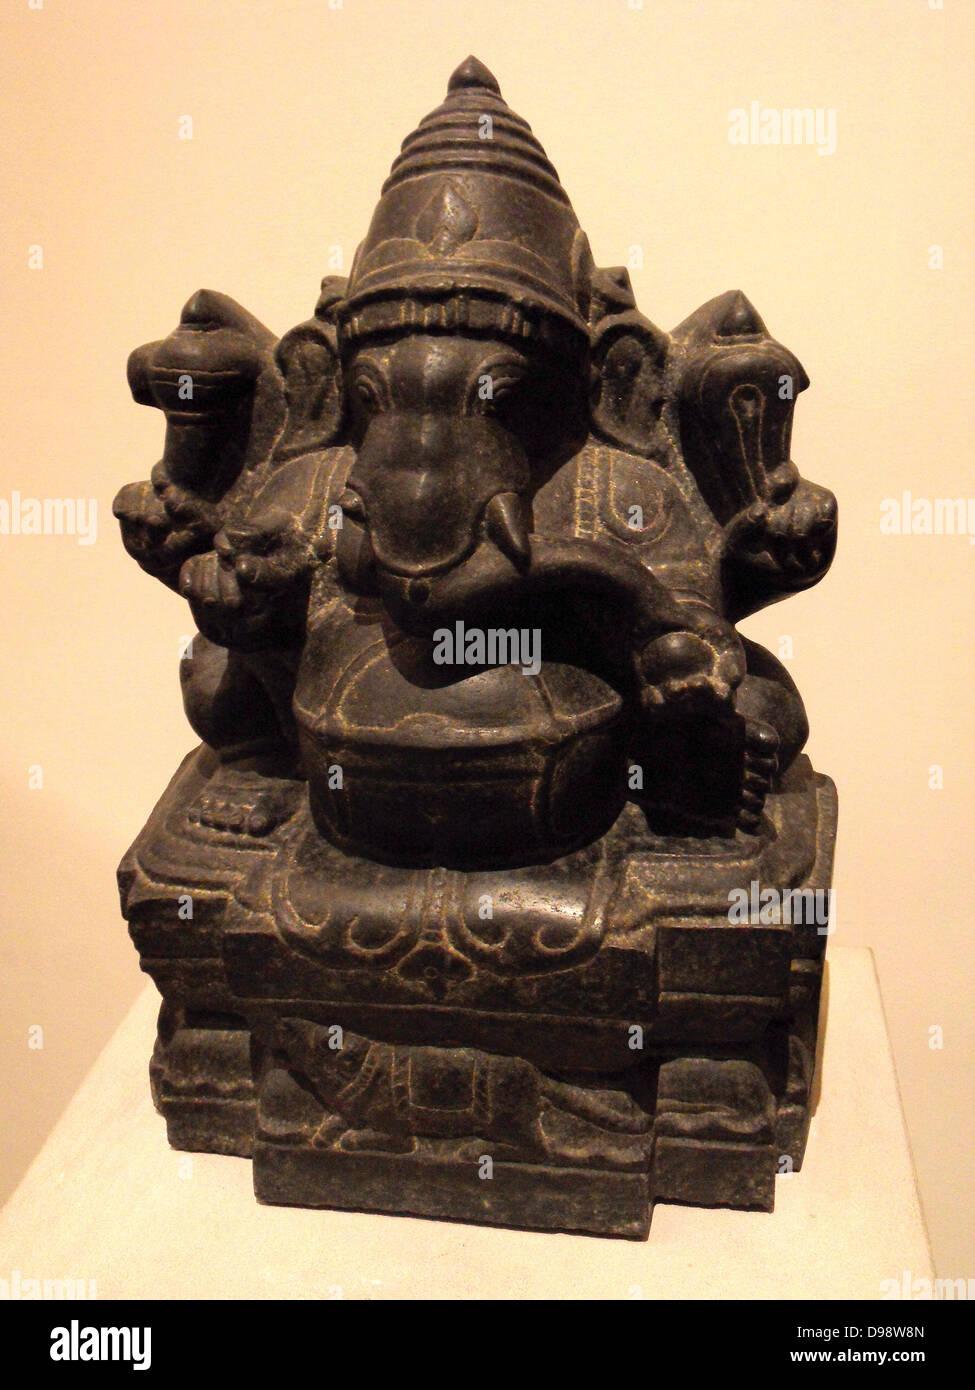 black polished granite sculpture of the Hindu god Ganesha; Dravidian - Stock Image